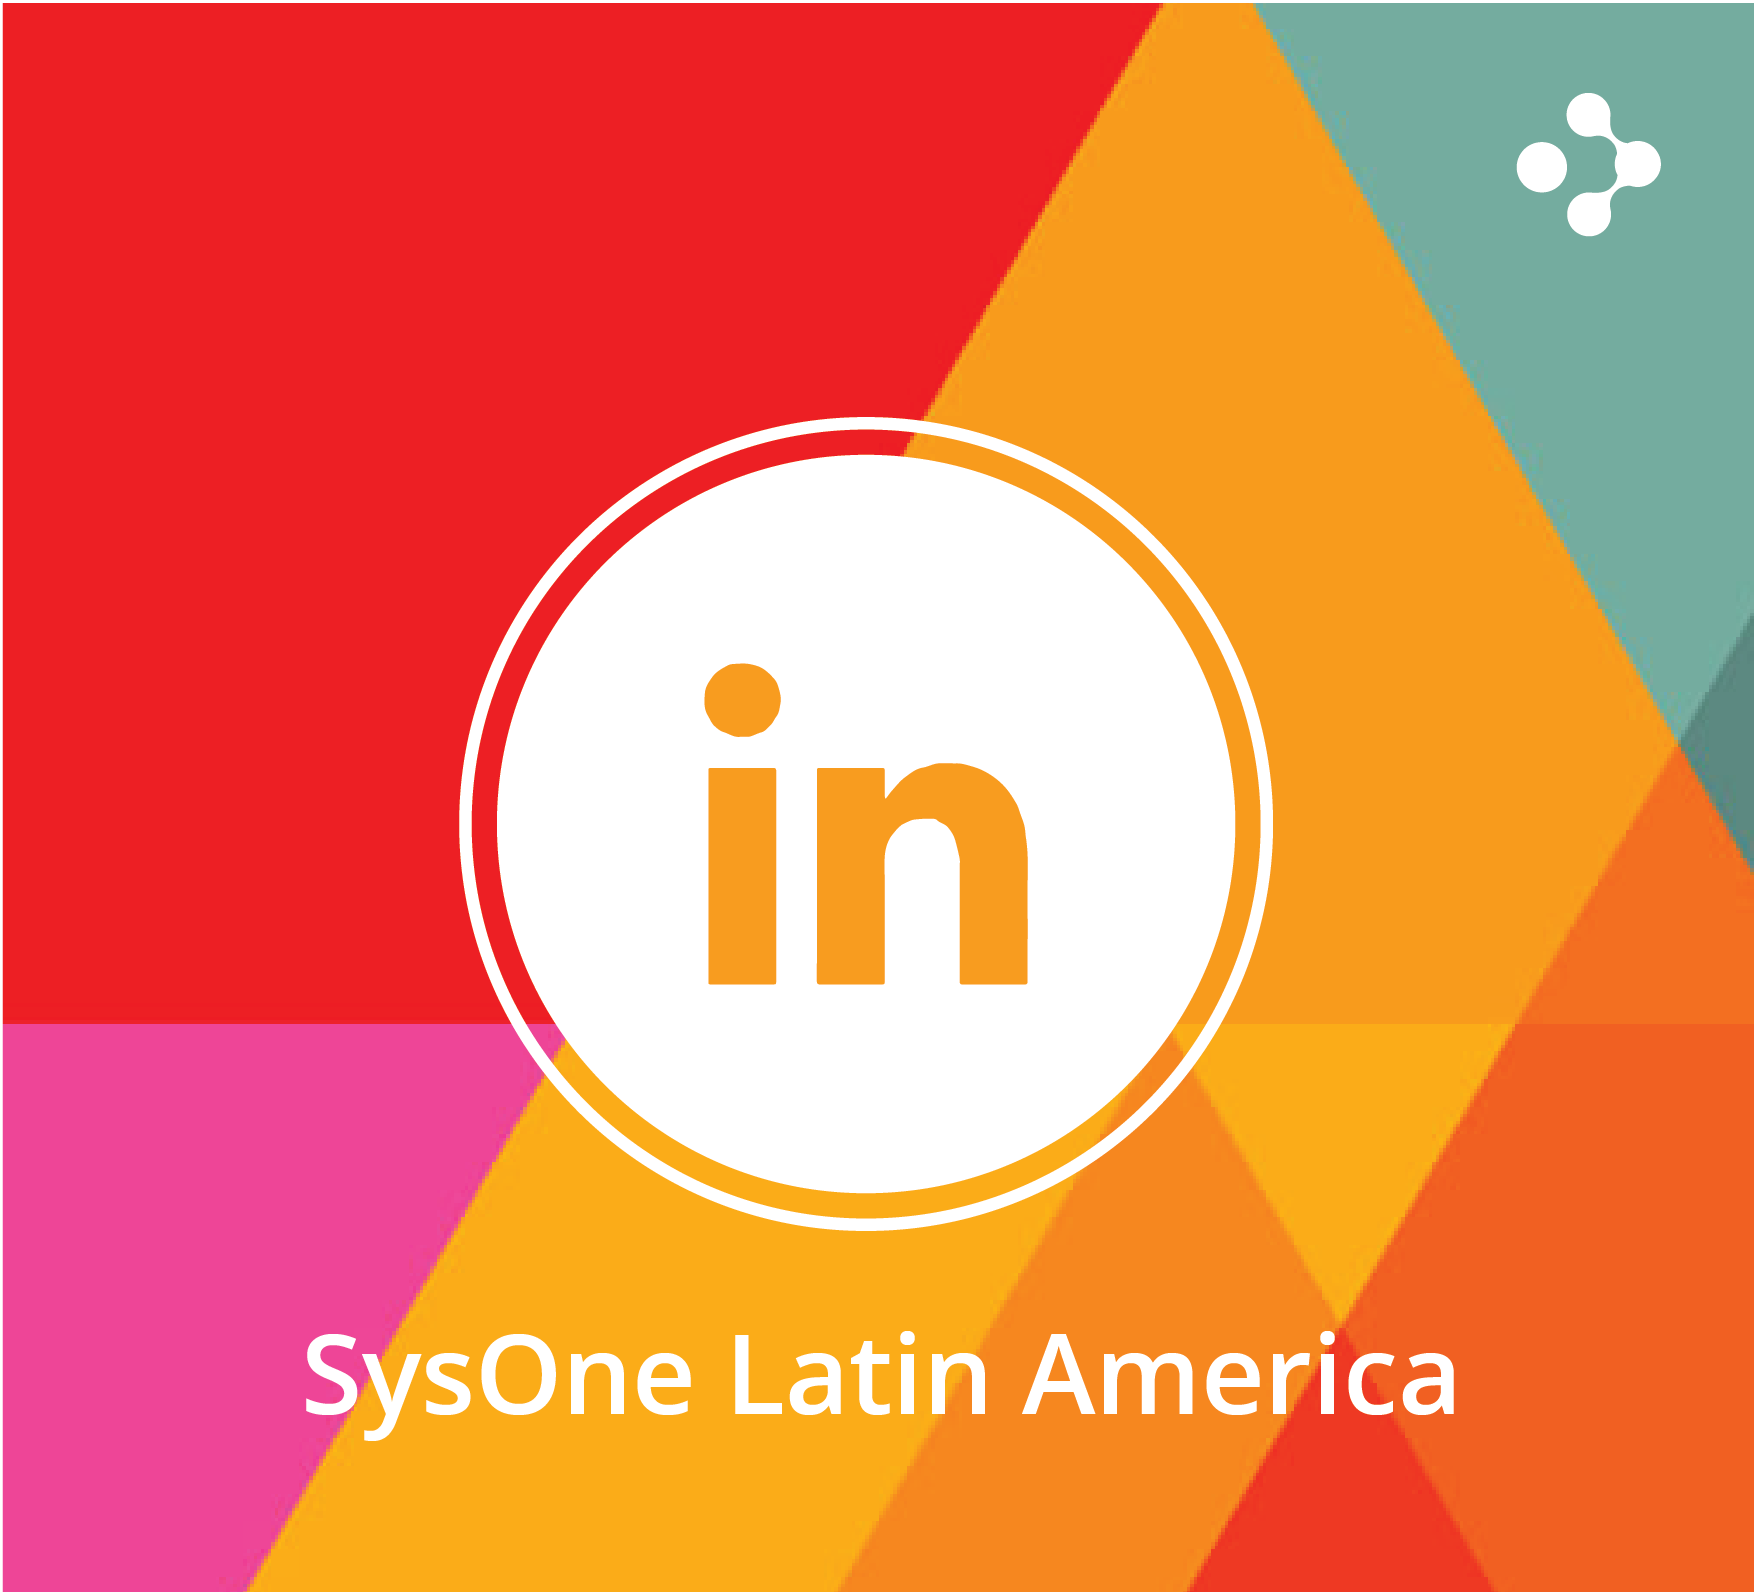 Conocé nuestros canales! #SysOneLatinAmerica #Tecnologia #Seguros